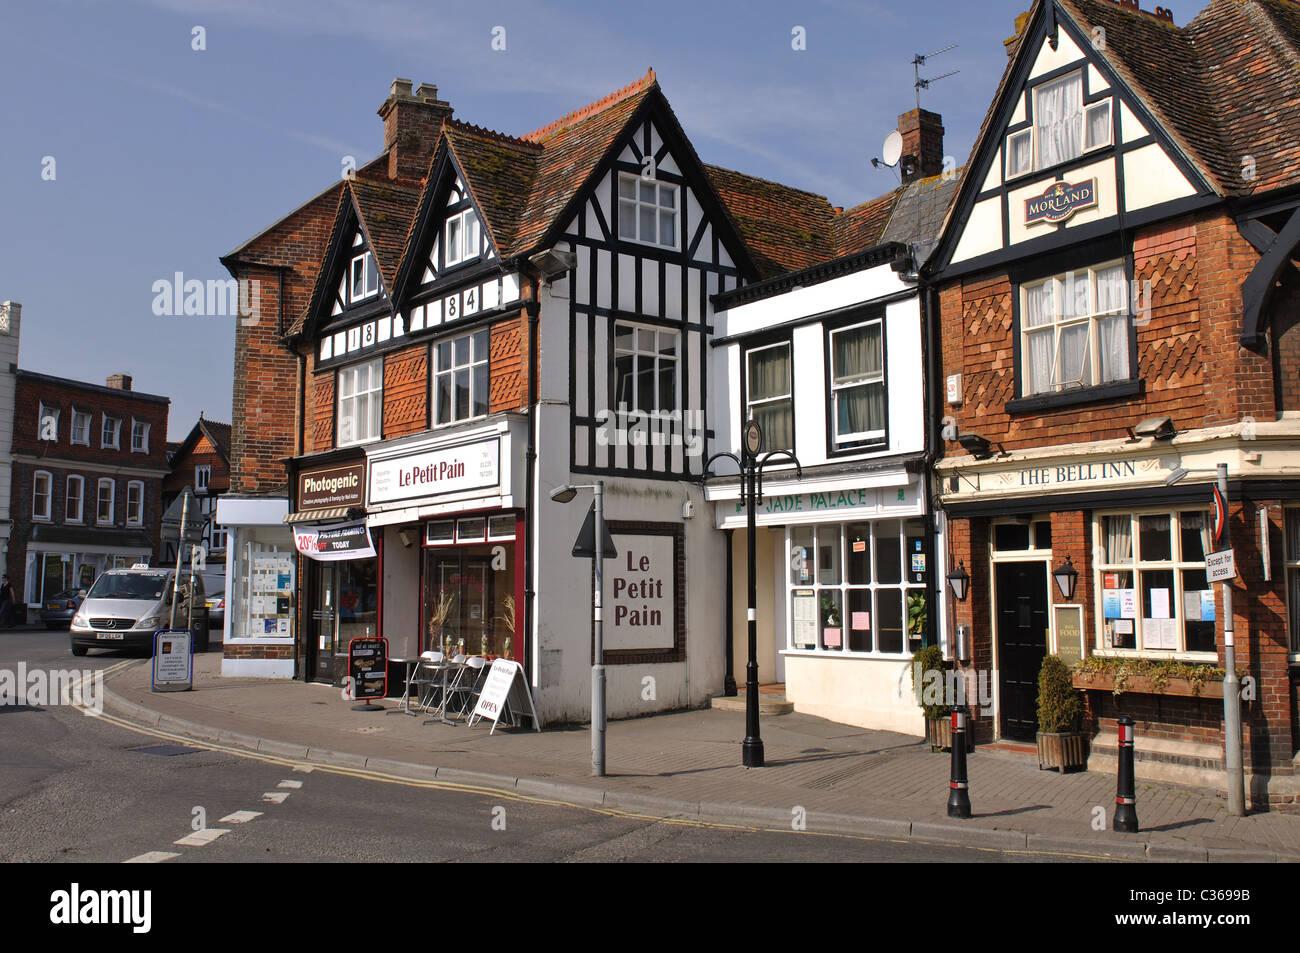 Market Place, Wantage, Oxfordshire, England, UK - Stock Image